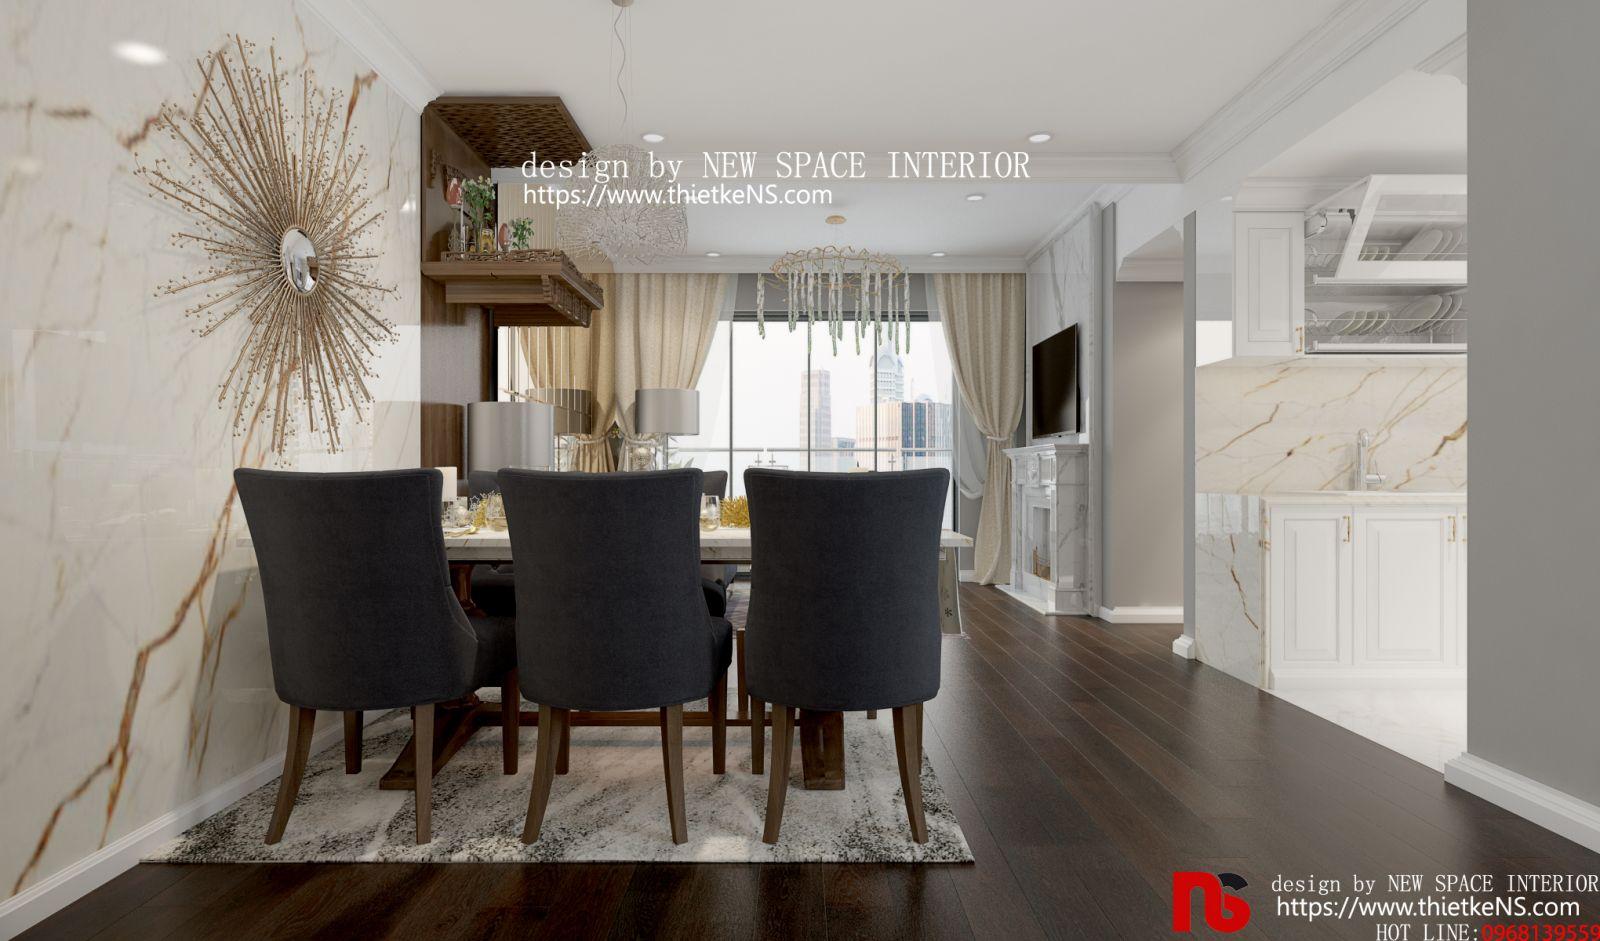 thiết kế nội thất chung cư khu vực ăn uống